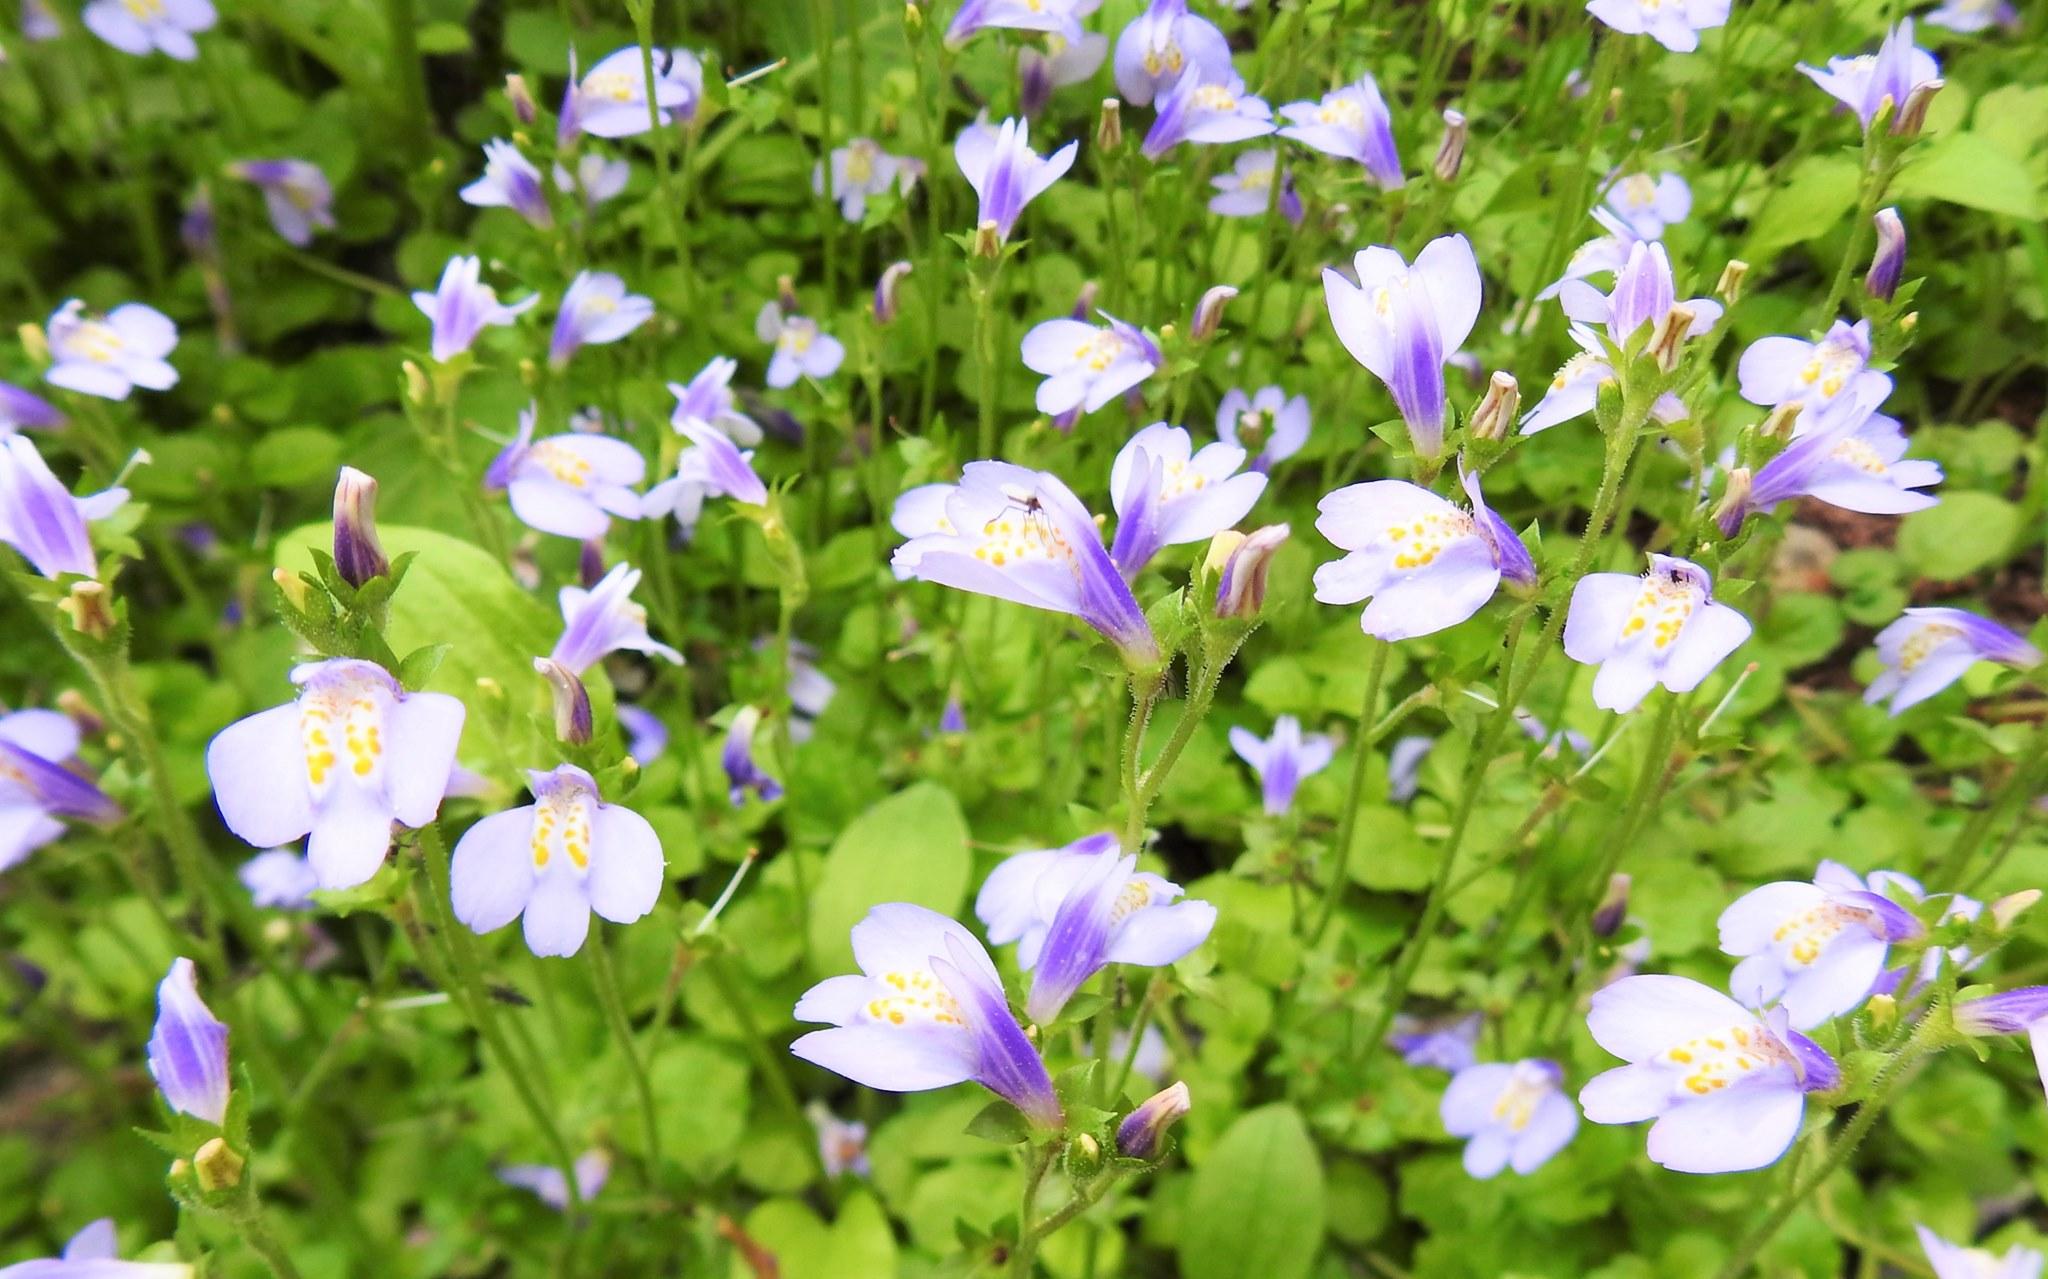 200508ムラサキサギゴケ(絨毯を広げたように咲く花)